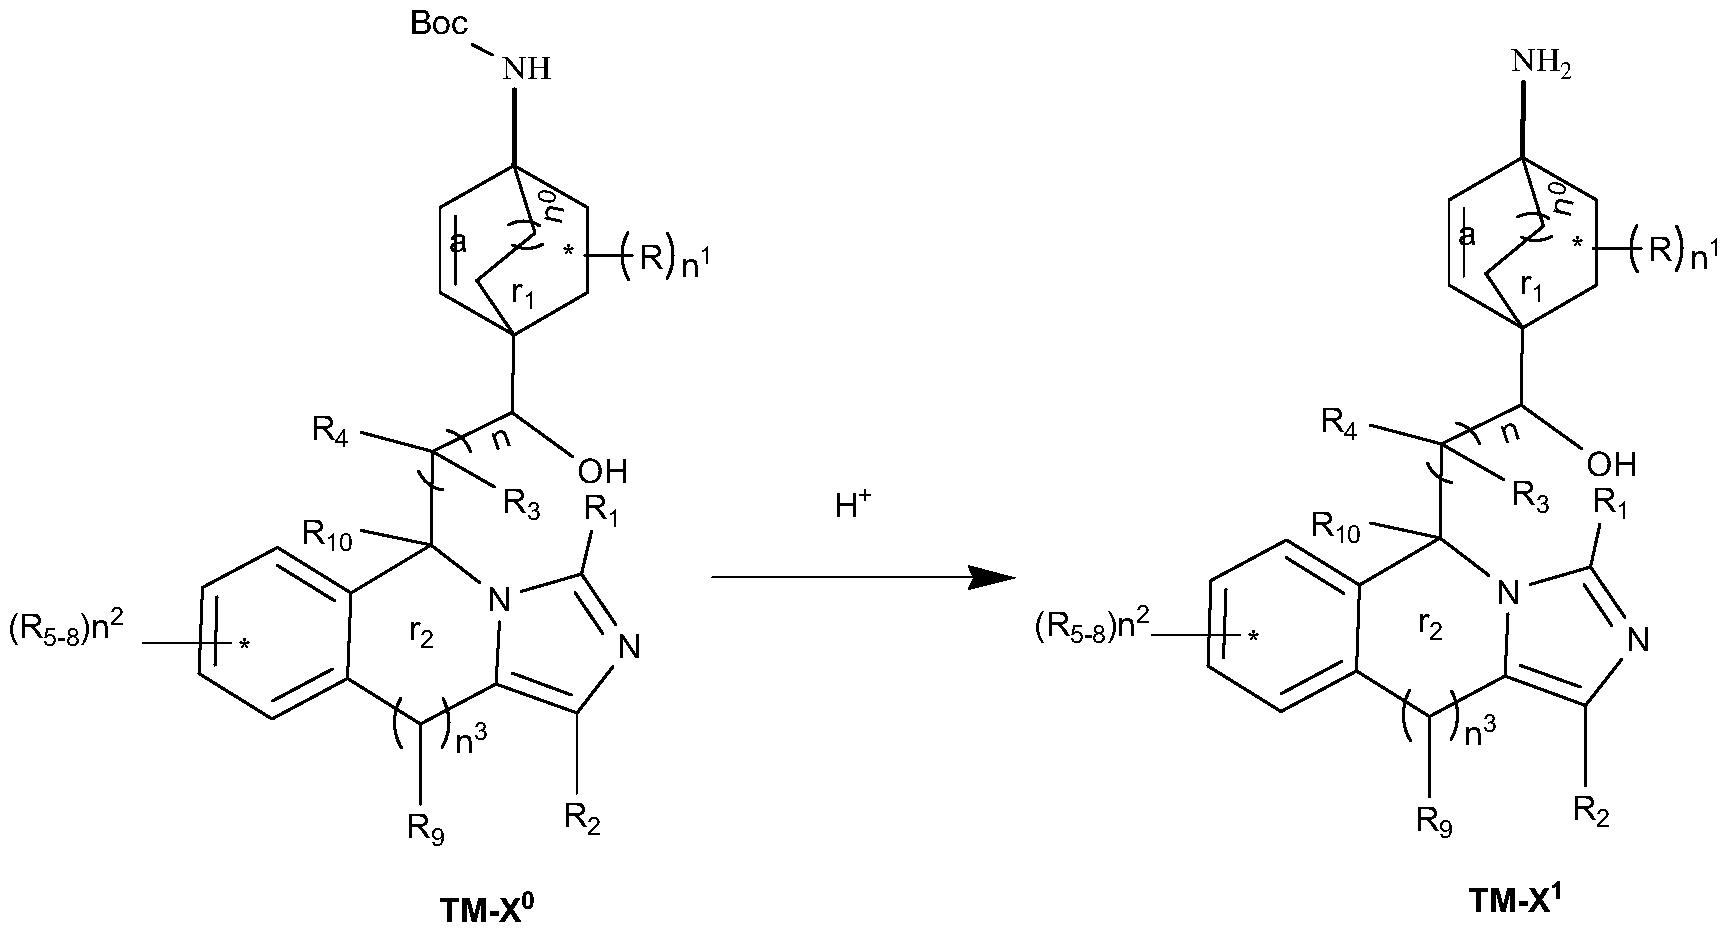 Figure PCTCN2017084604-appb-000062